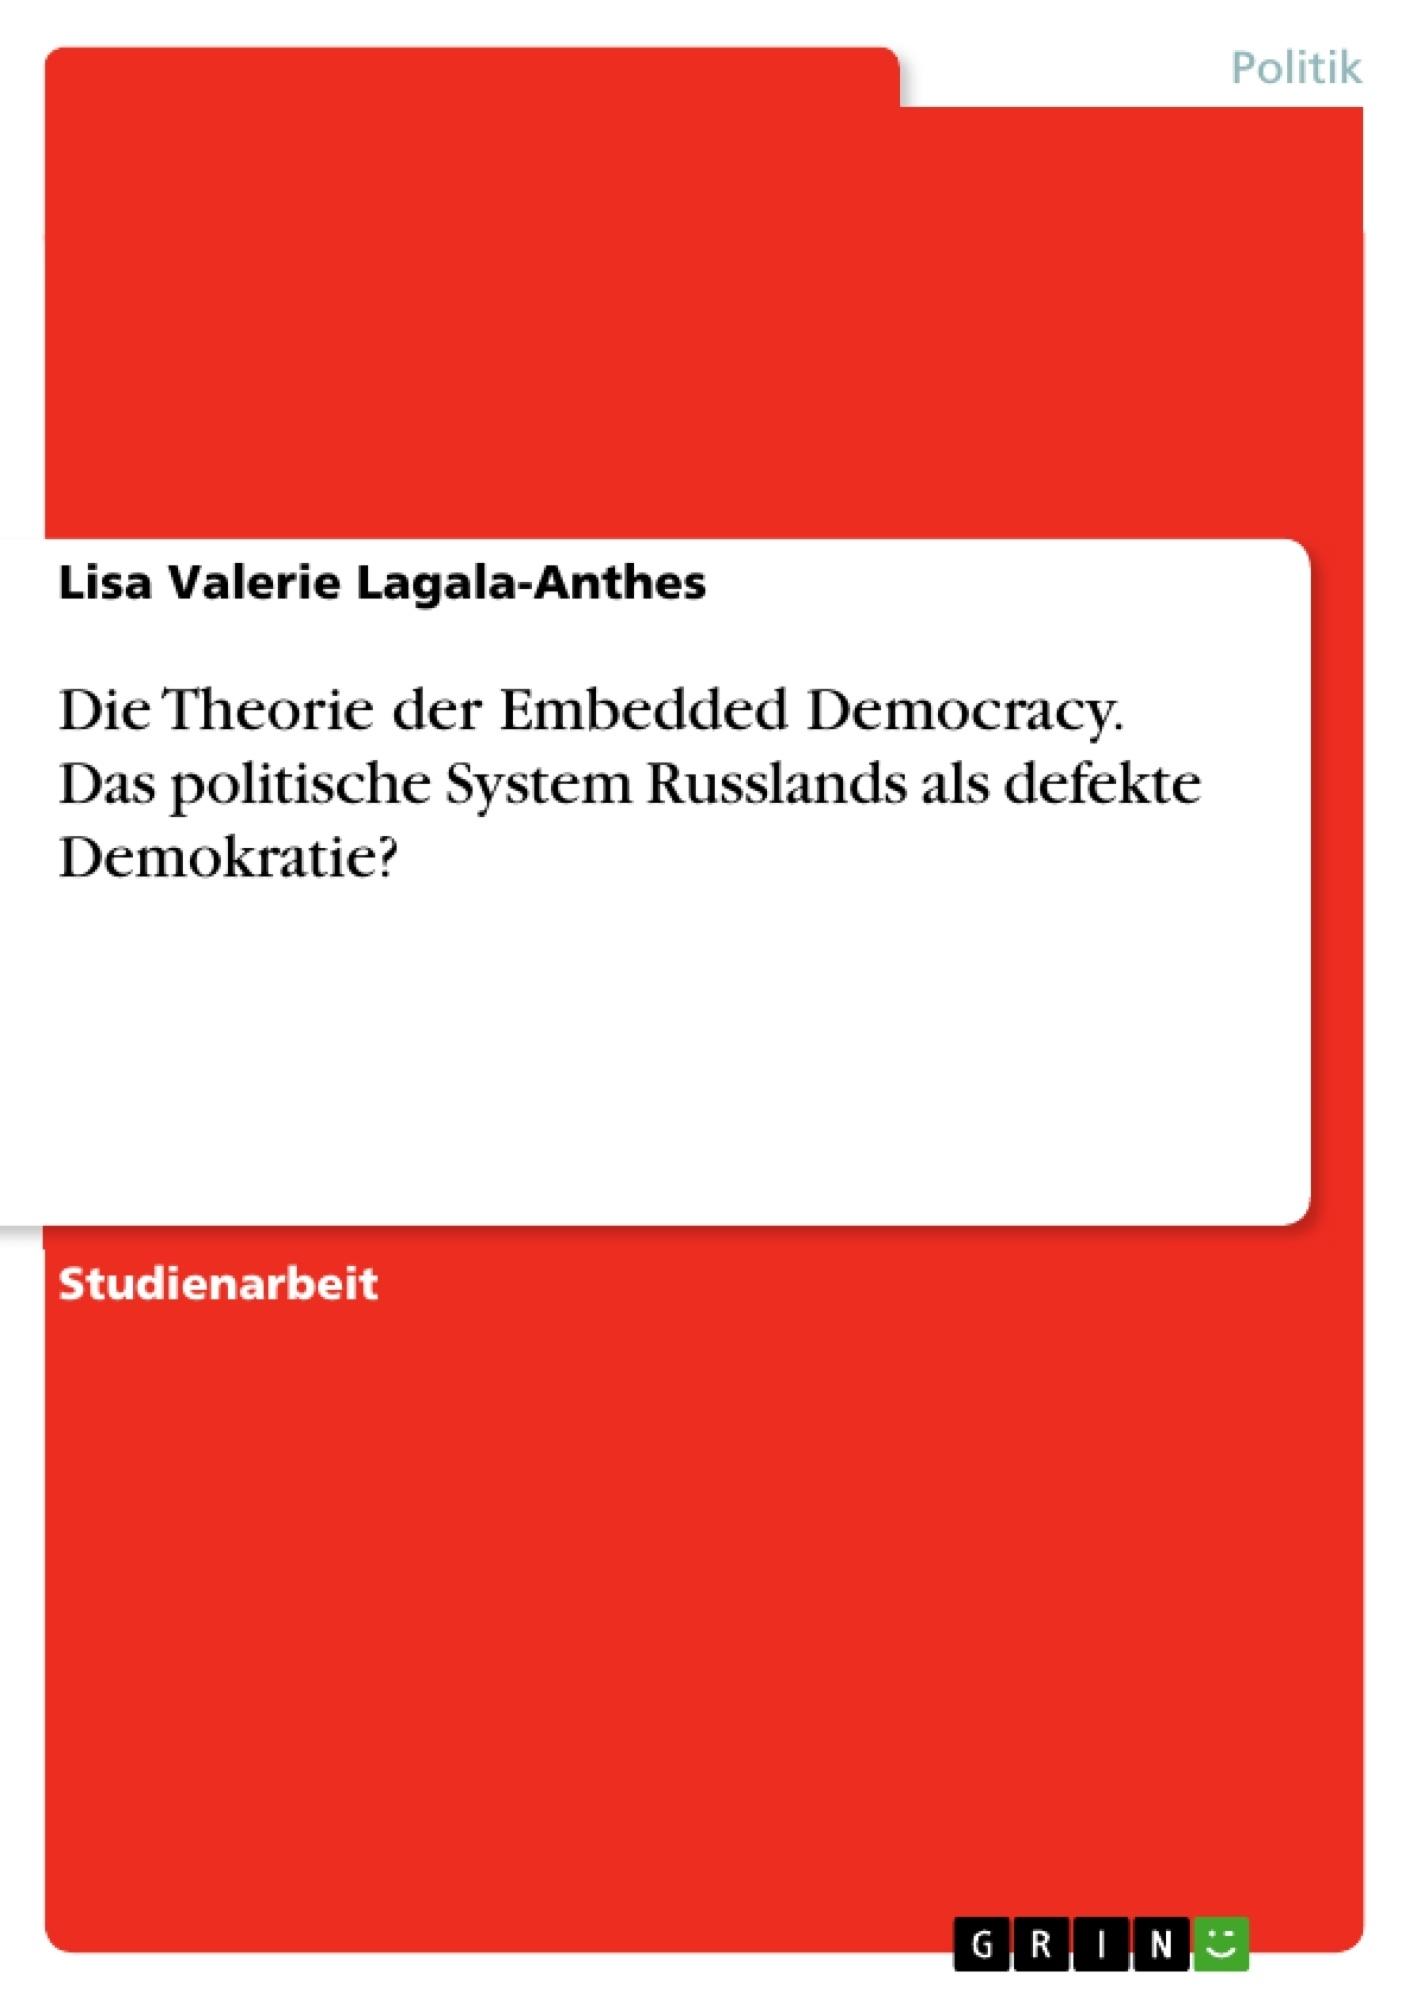 Titel: Die Theorie der Embedded Democracy. Das politische System Russlands als defekte Demokratie?